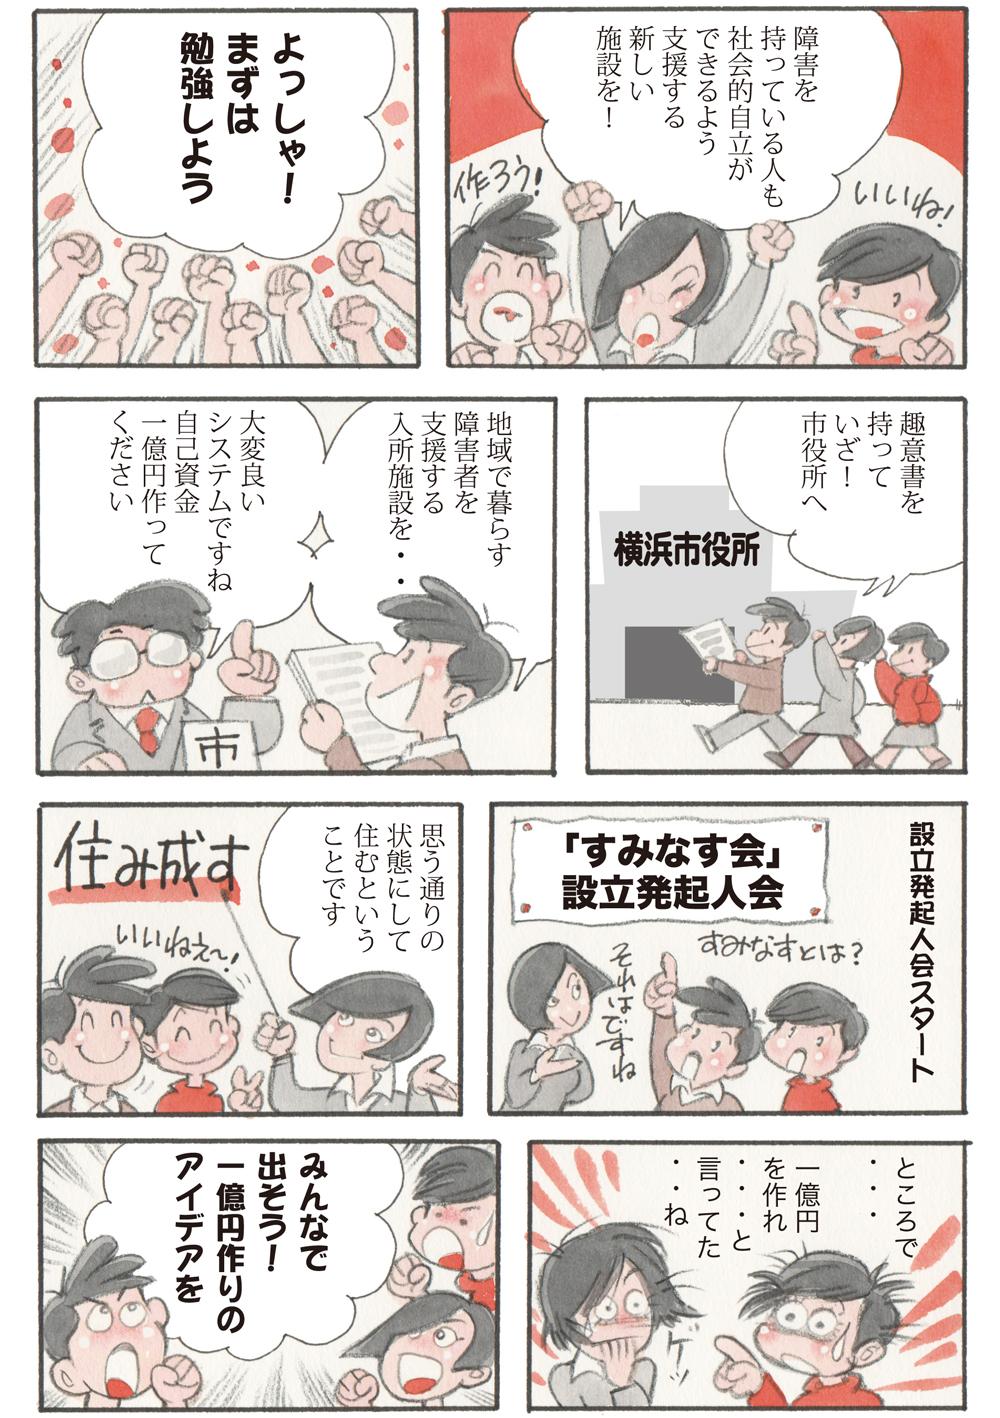 すみなす会誕生物語 2p